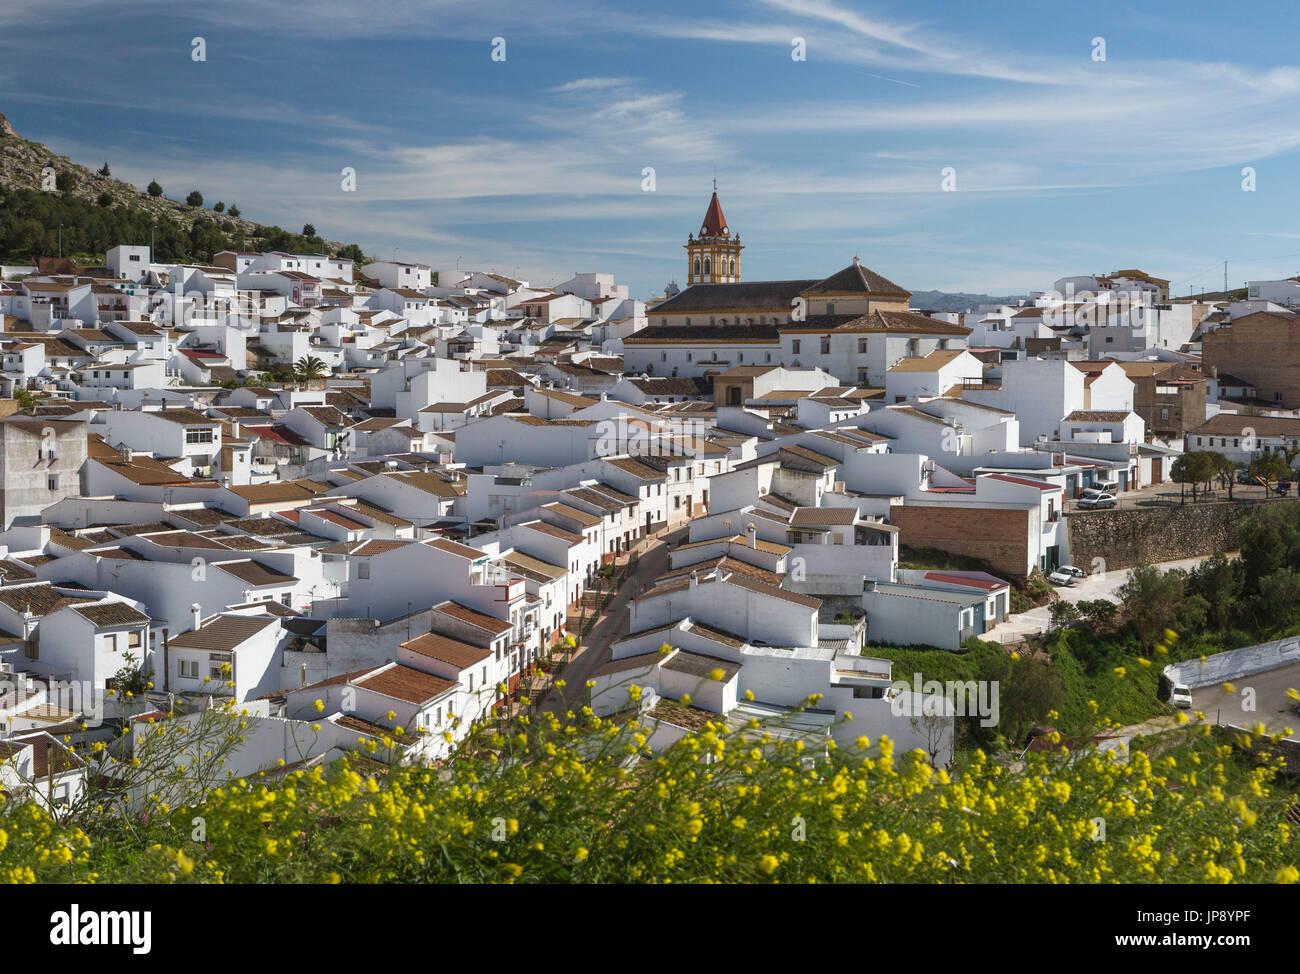 Spagna, Andalusia regione, provincia di Malaga, Teba City Immagini Stock